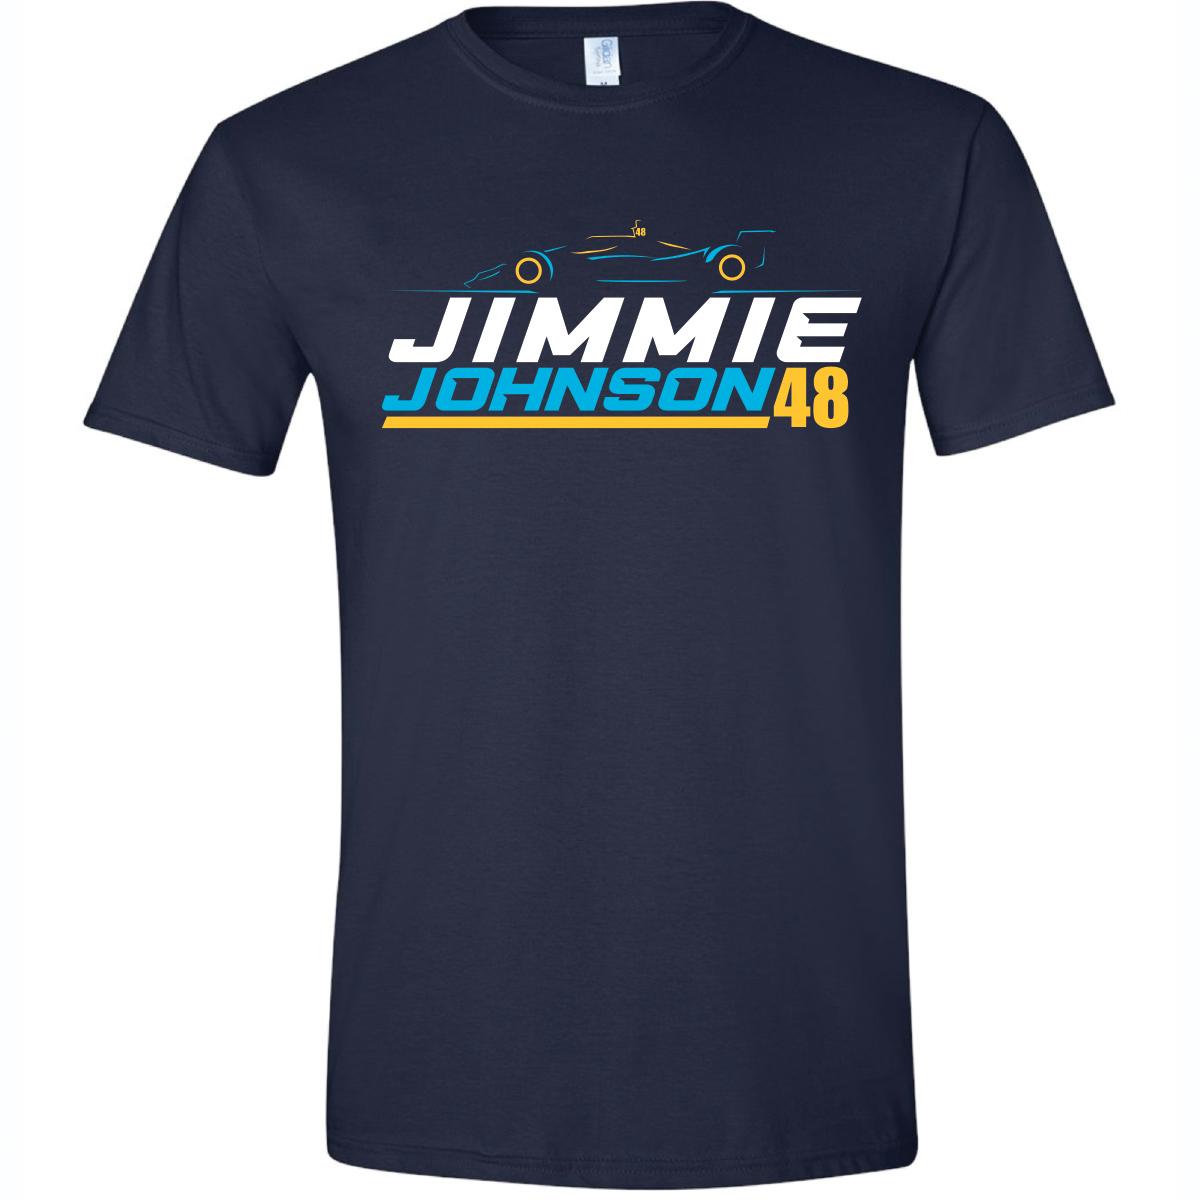 Jimmie Johnson #48 2021 Indycar Bold Outline Tee